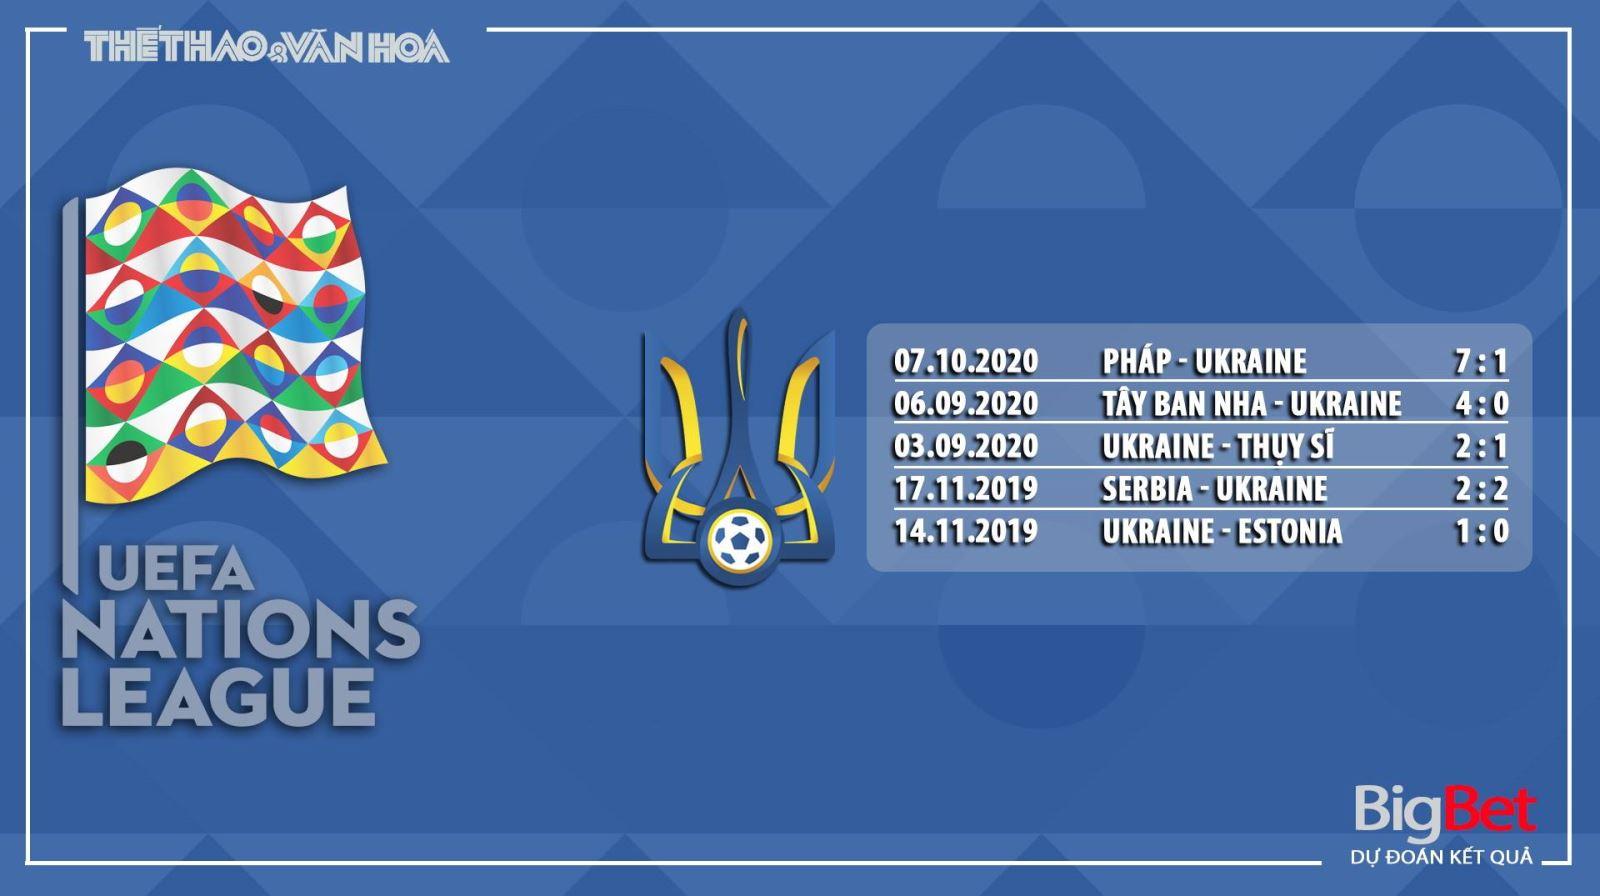 Ukraine vsĐức, soi kèo Ukraine vsĐức, nhận định Ukraine vsĐức, dự đoán Ukraine vsĐức, trực tiếp Ukraine vsĐức, Ukraine, Đức, lịch thi đấu